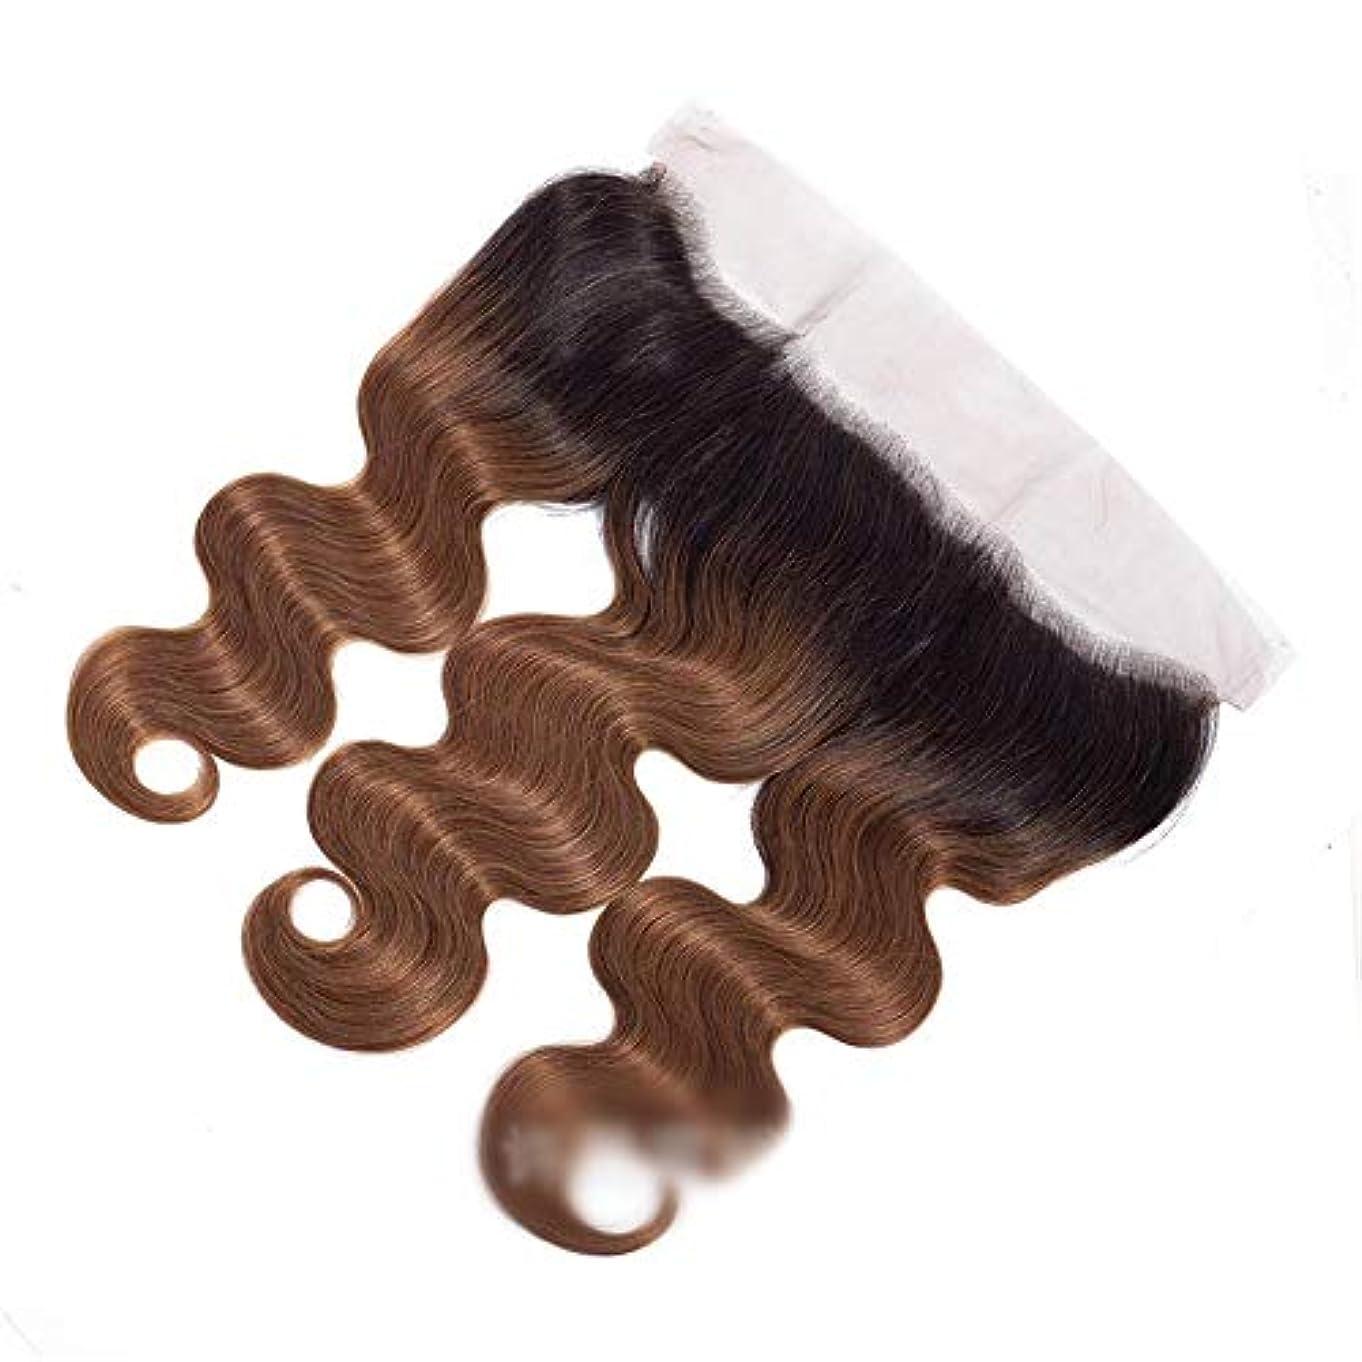 削るバトル実装するMayalina ブラジル実体波13 * 4レース閉鎖無料部分100%未処理人間の髪織り1B / 30 2トーンカラーロングカーリーウィッグ (色 : ブラウン, サイズ : 18 inch)